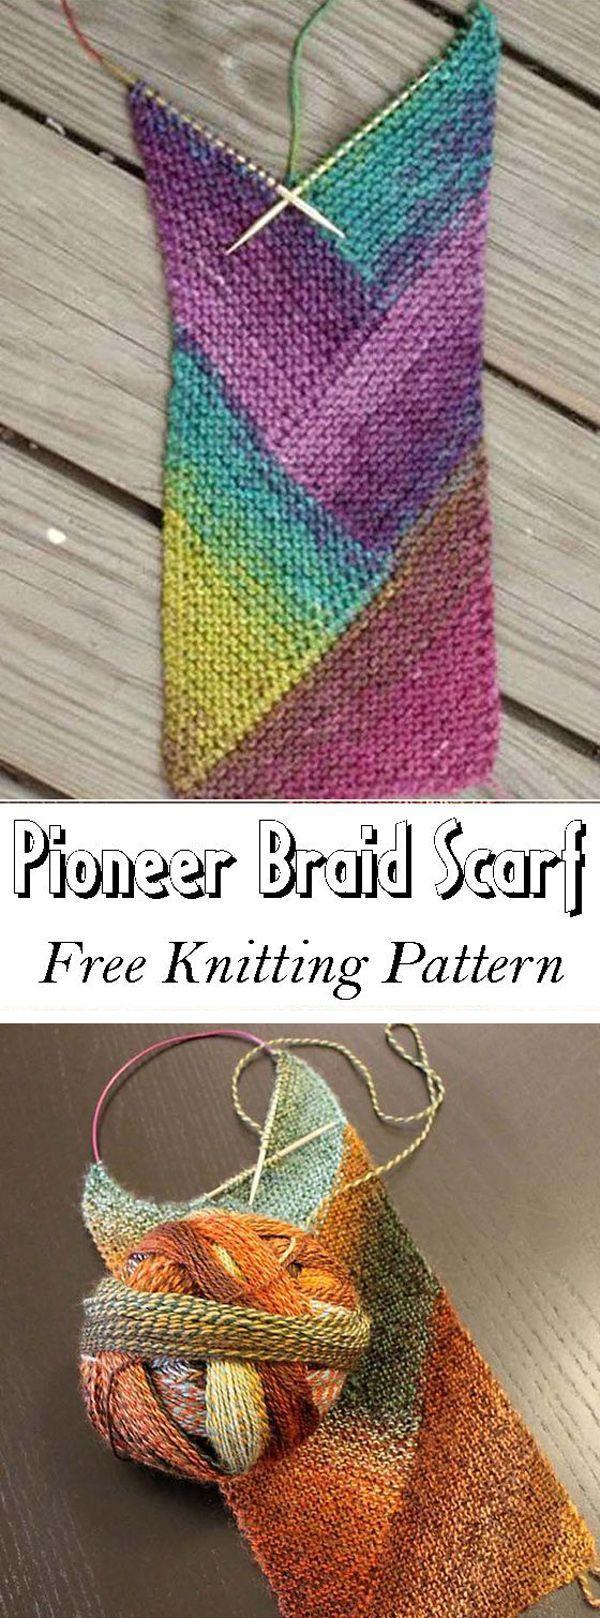 Photo of Pioneer Braid Scarf – Free Pattern,  #Braid #Free #Pattern #Pioneer #Scarf